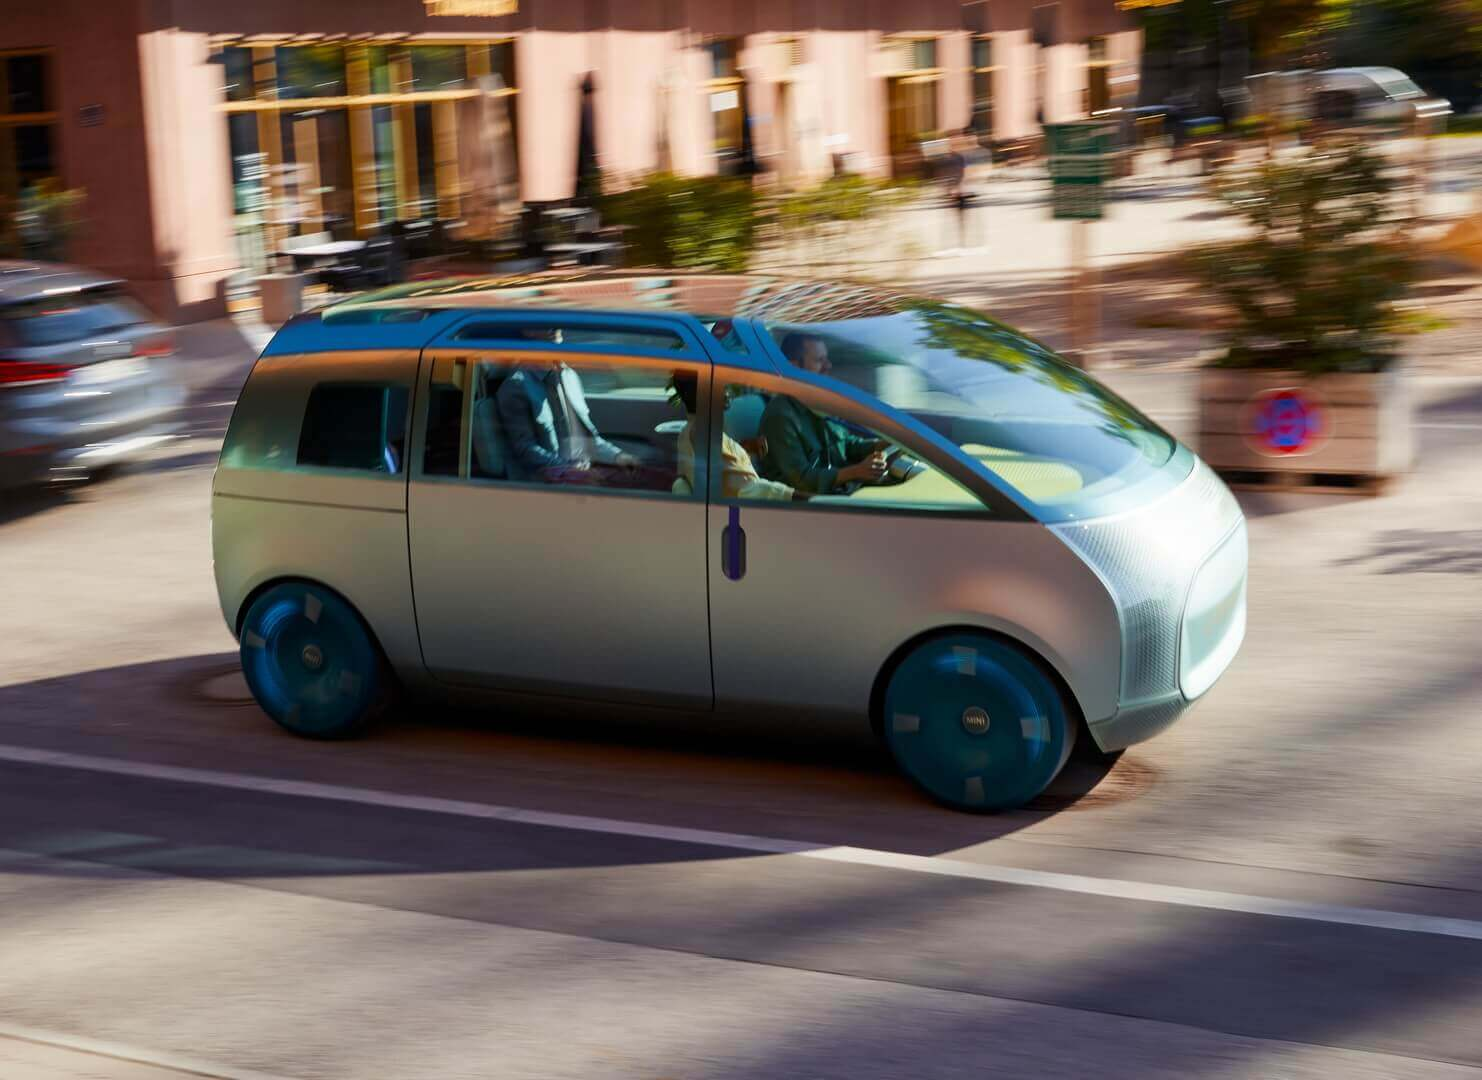 MINI Vision Urbanaut— это нестатичный макет, аполностью функциональный автомобиль, способный ксамостоятельному передвижению